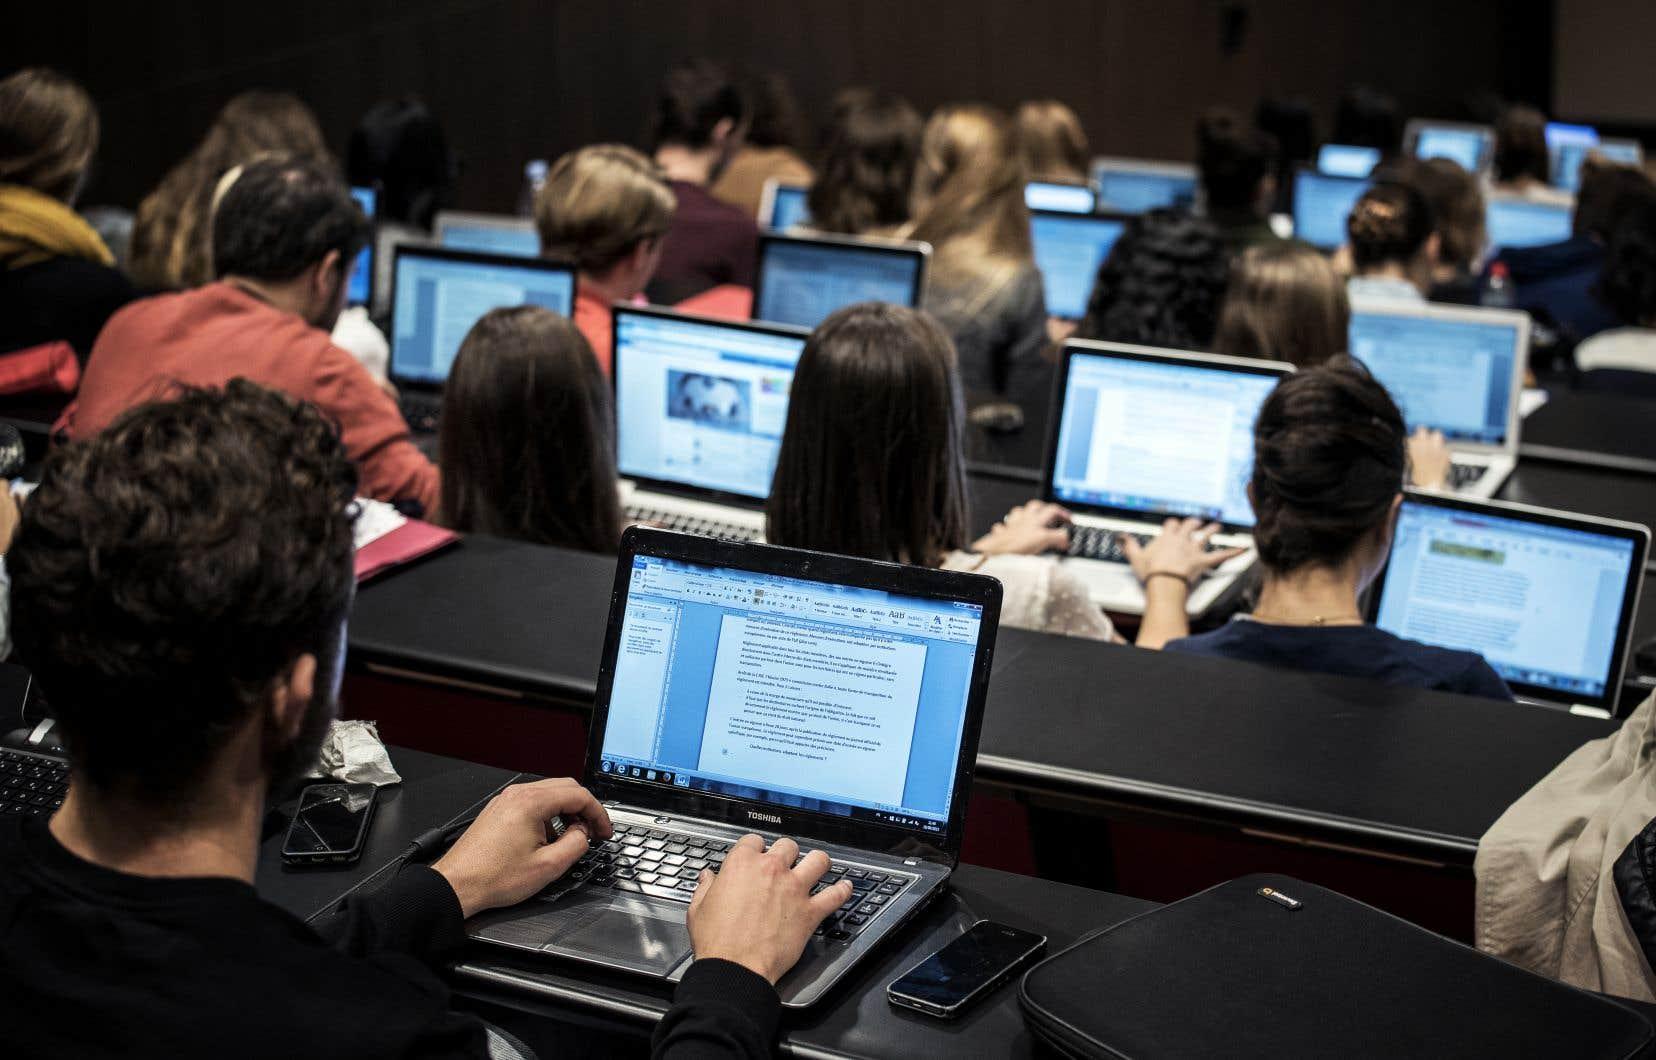 Le projet de loi 9 envoie un très mauvais signal aux étudiants étrangers qui doivent déjà composer avec la déréglementation des droits de scolarité.